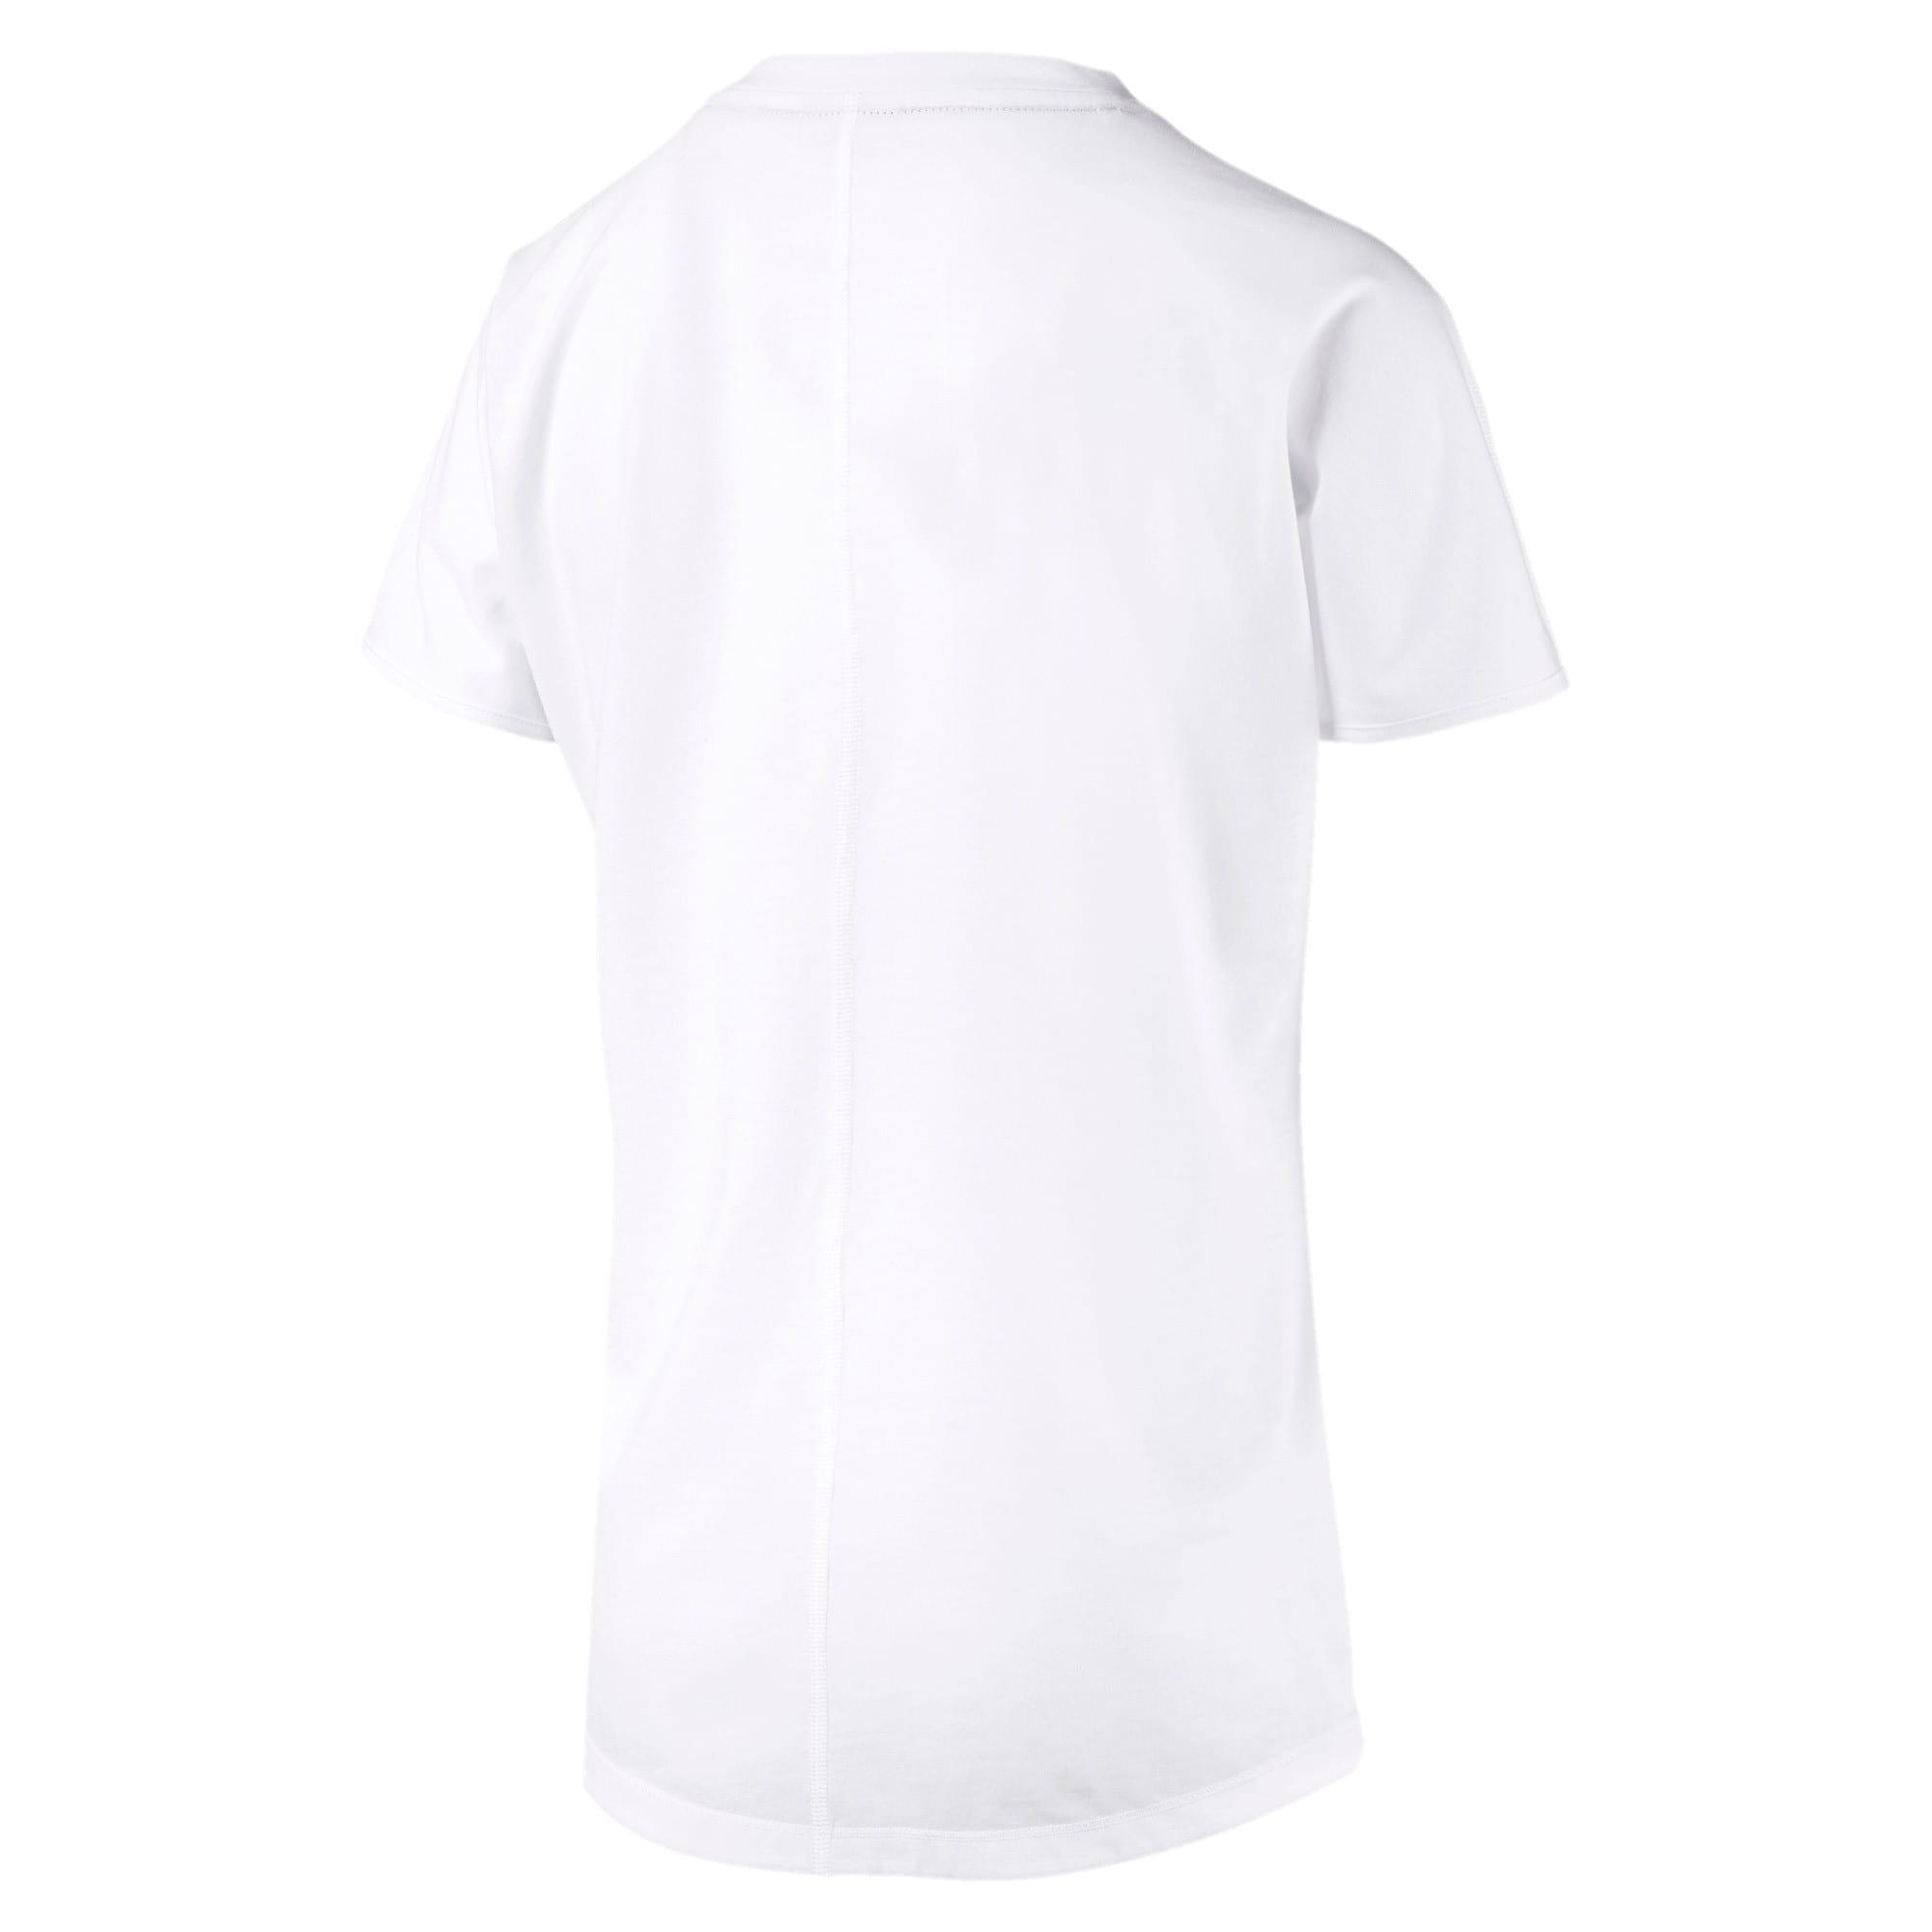 Thumbnail 6 of FAVORITE キャット SS ウィメンズ トレーニング Tシャツ 半袖, Puma White-CAT Q3, medium-JPN